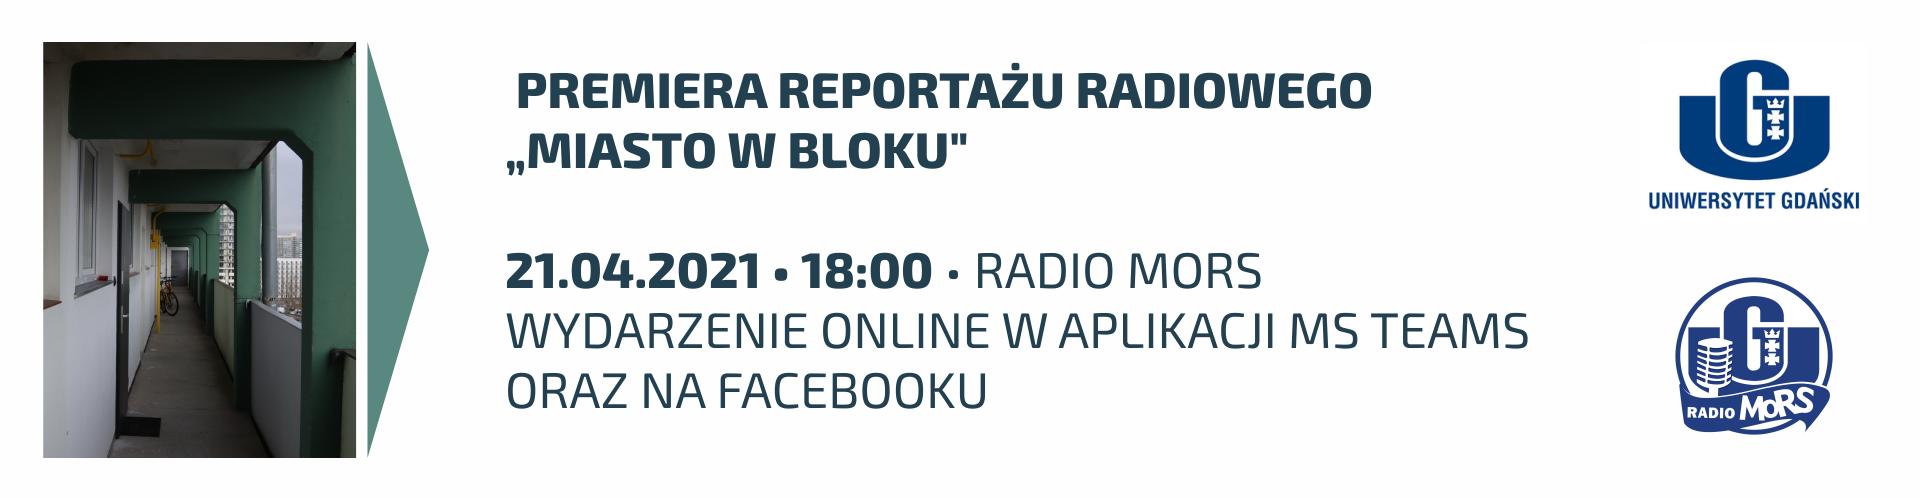 """Premiera studenckiego reportazu radiowego""""Miasto w bloku"""""""